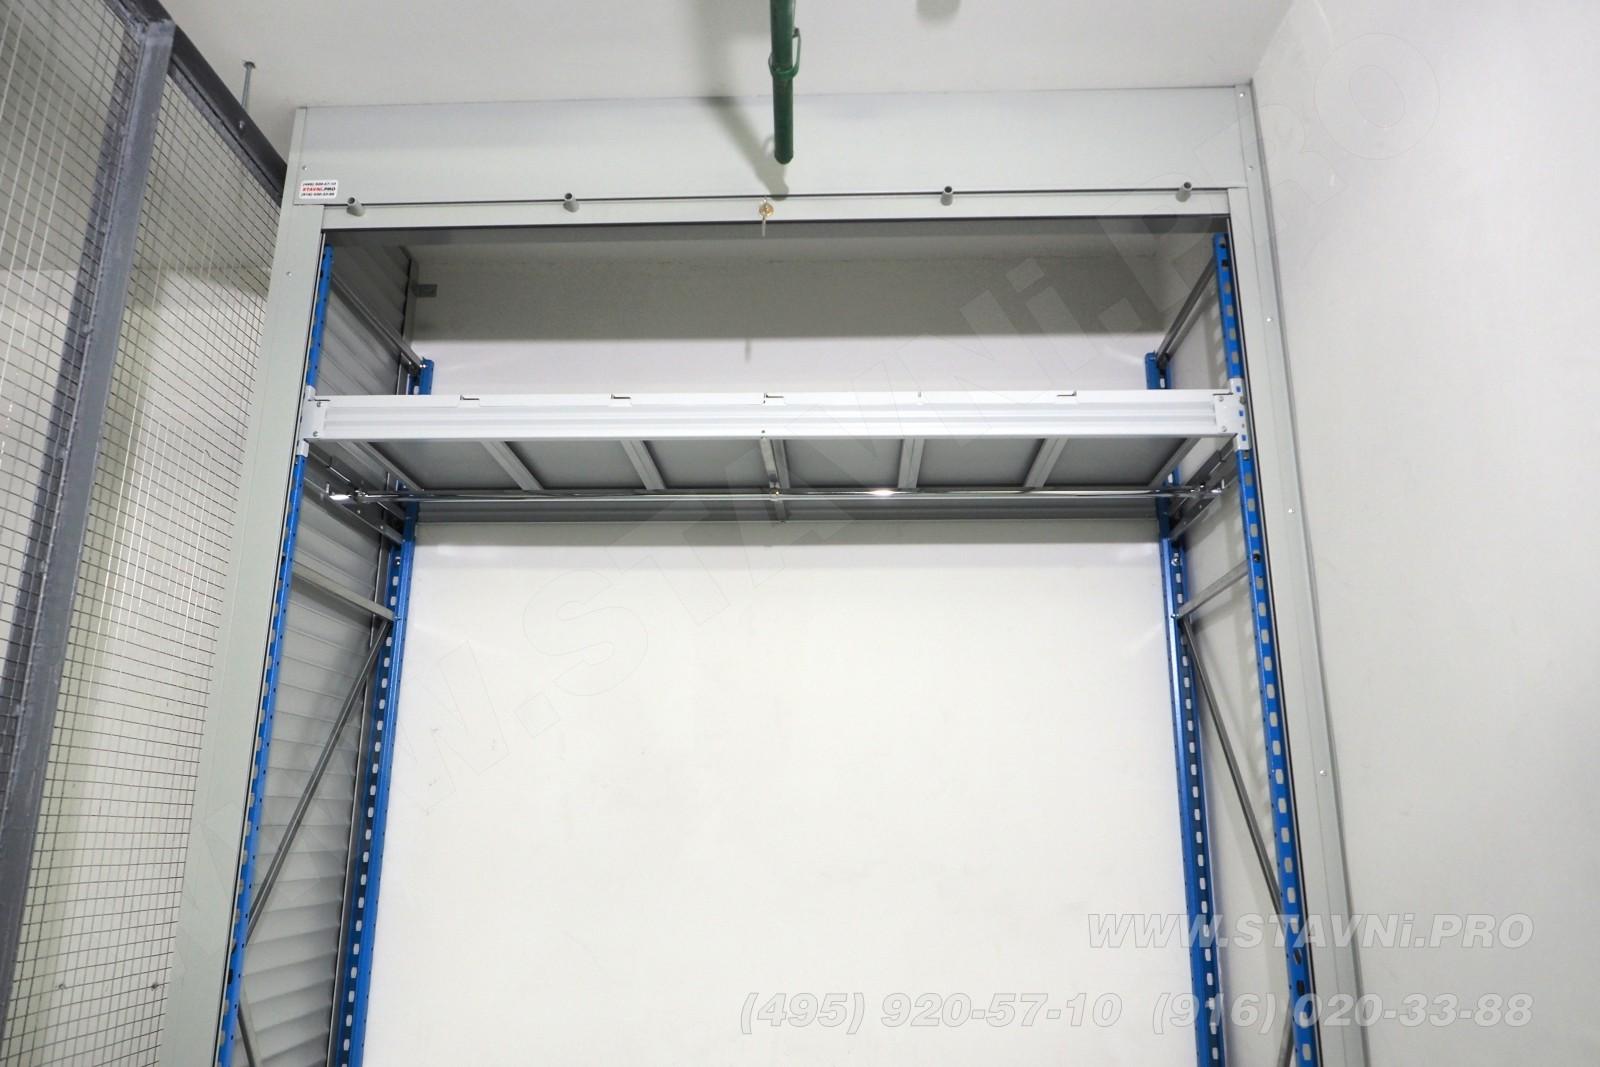 Никелированная перекладина для вешалок в шкафу с рольставнями в авто гараже